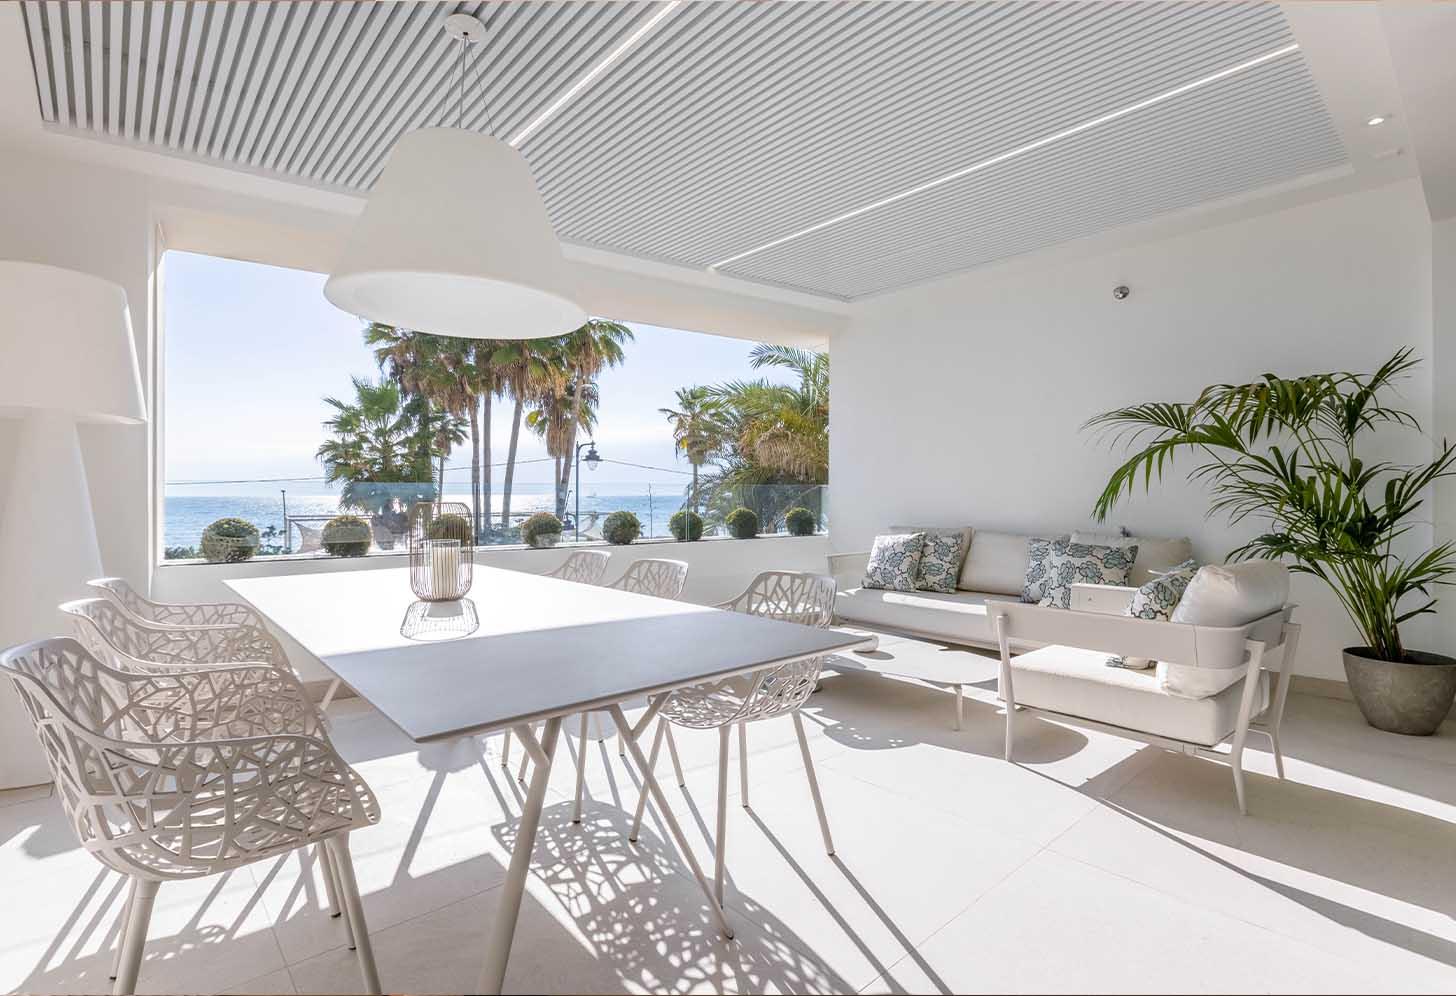 immobilier neuf espagne costa del sol on-e8 daria estepona terrasse